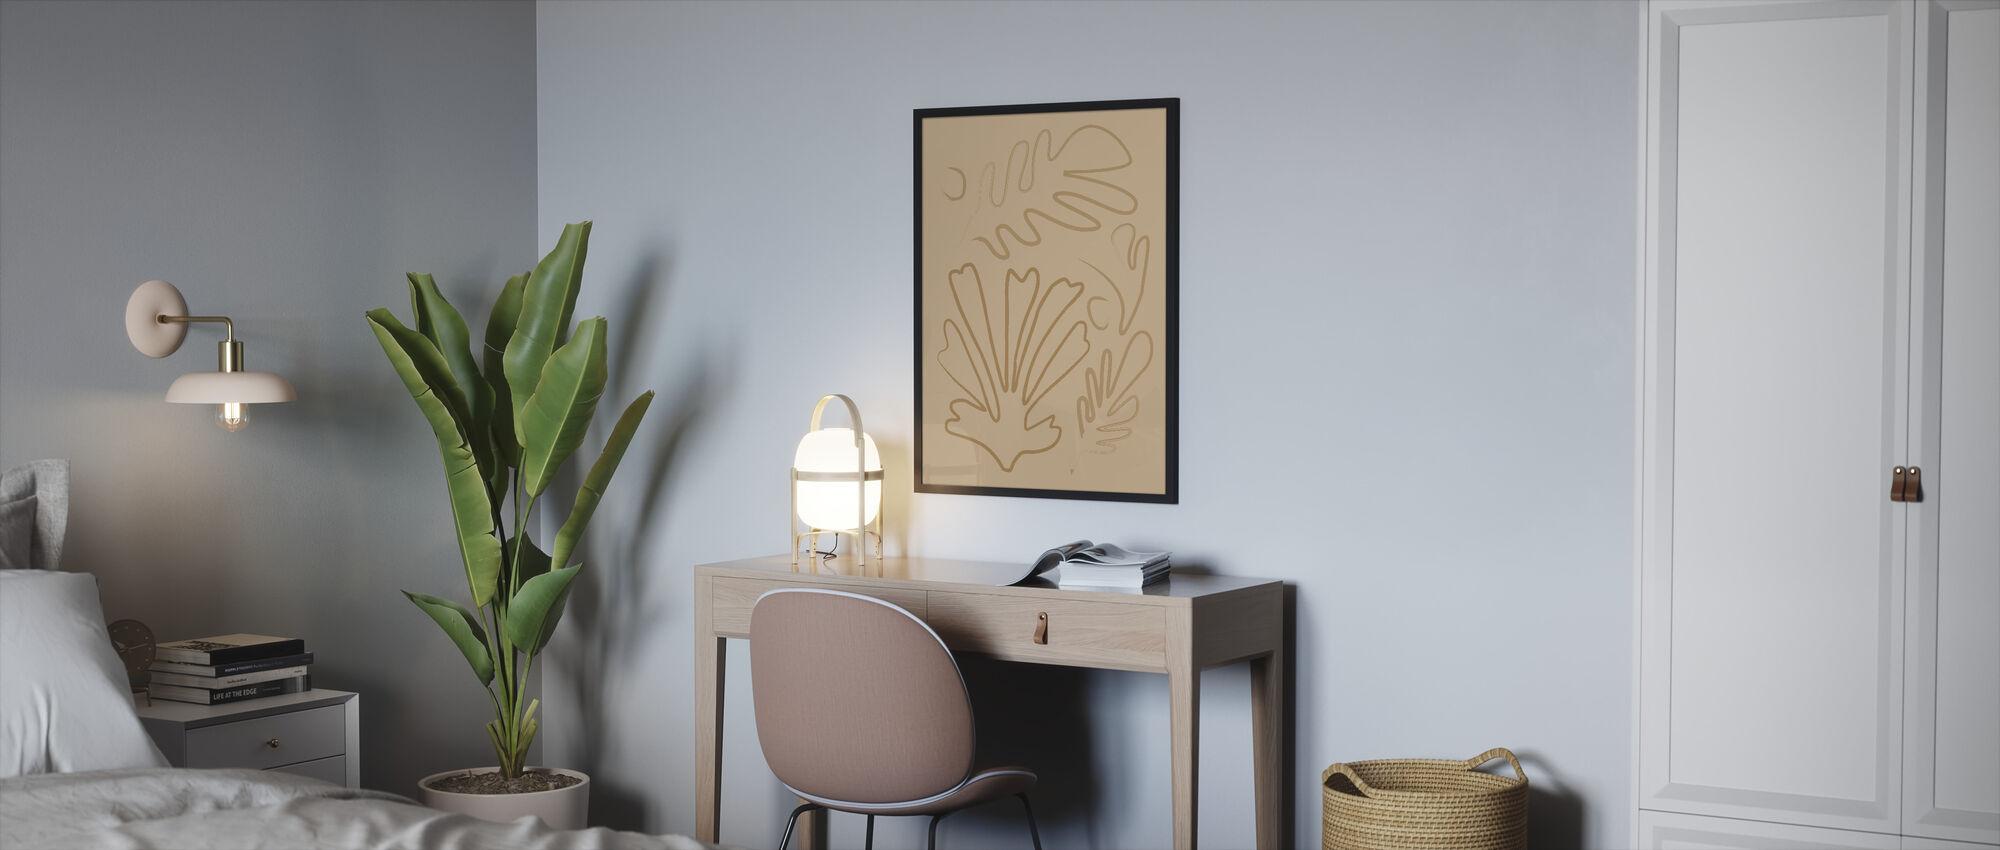 Matisse Blad - Inramad tavla - Sovrum